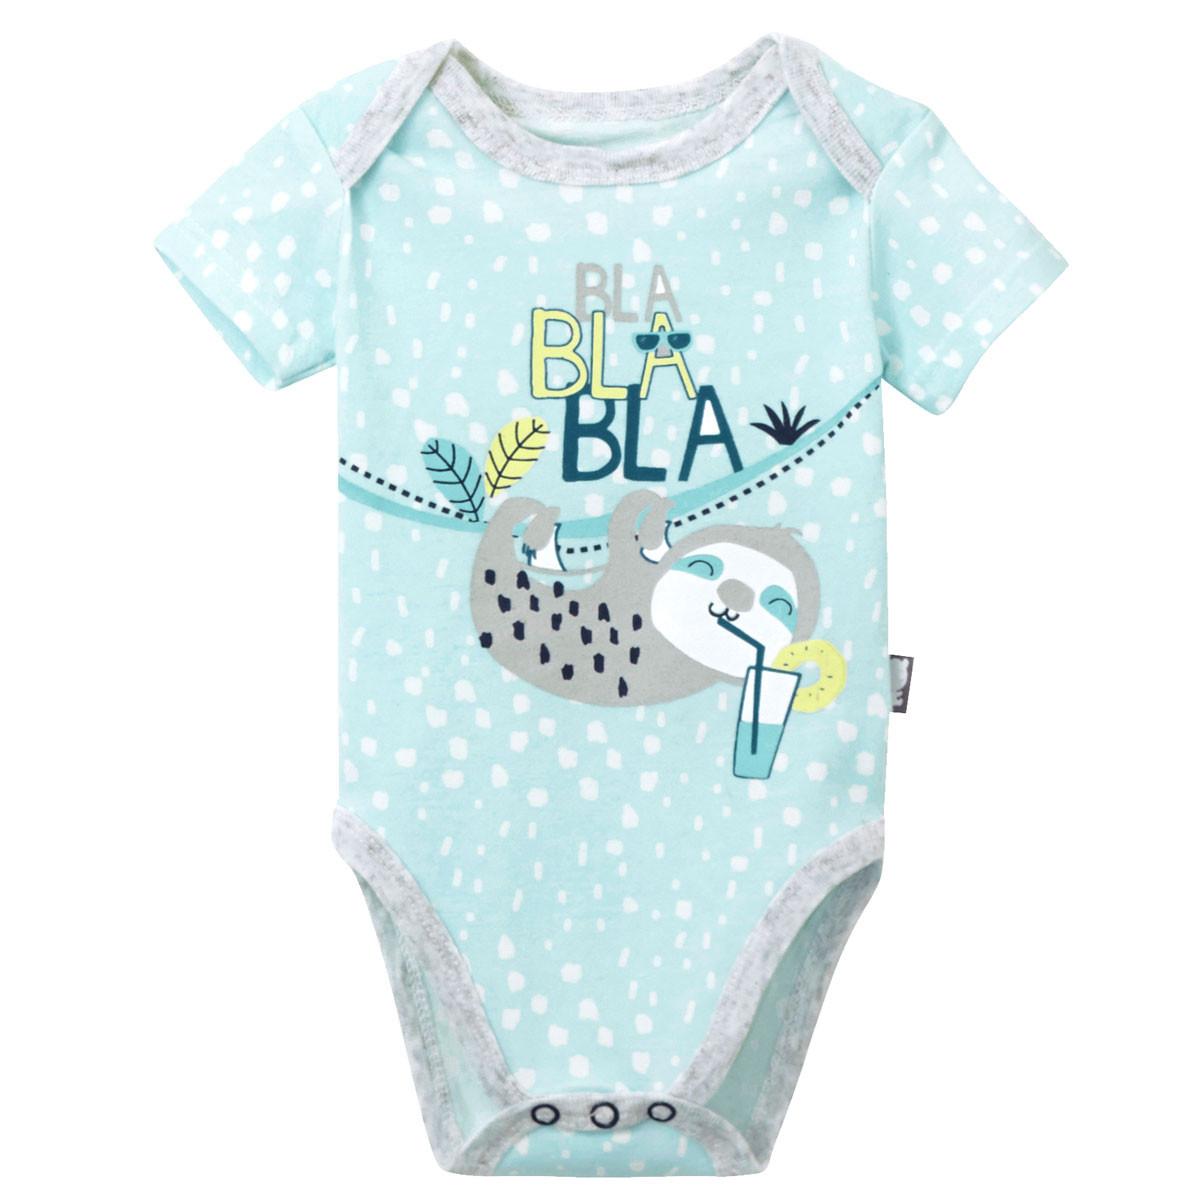 Lot de 2 bodies manches courtes bébé garçon Pampa Petit Béguin bleu clair